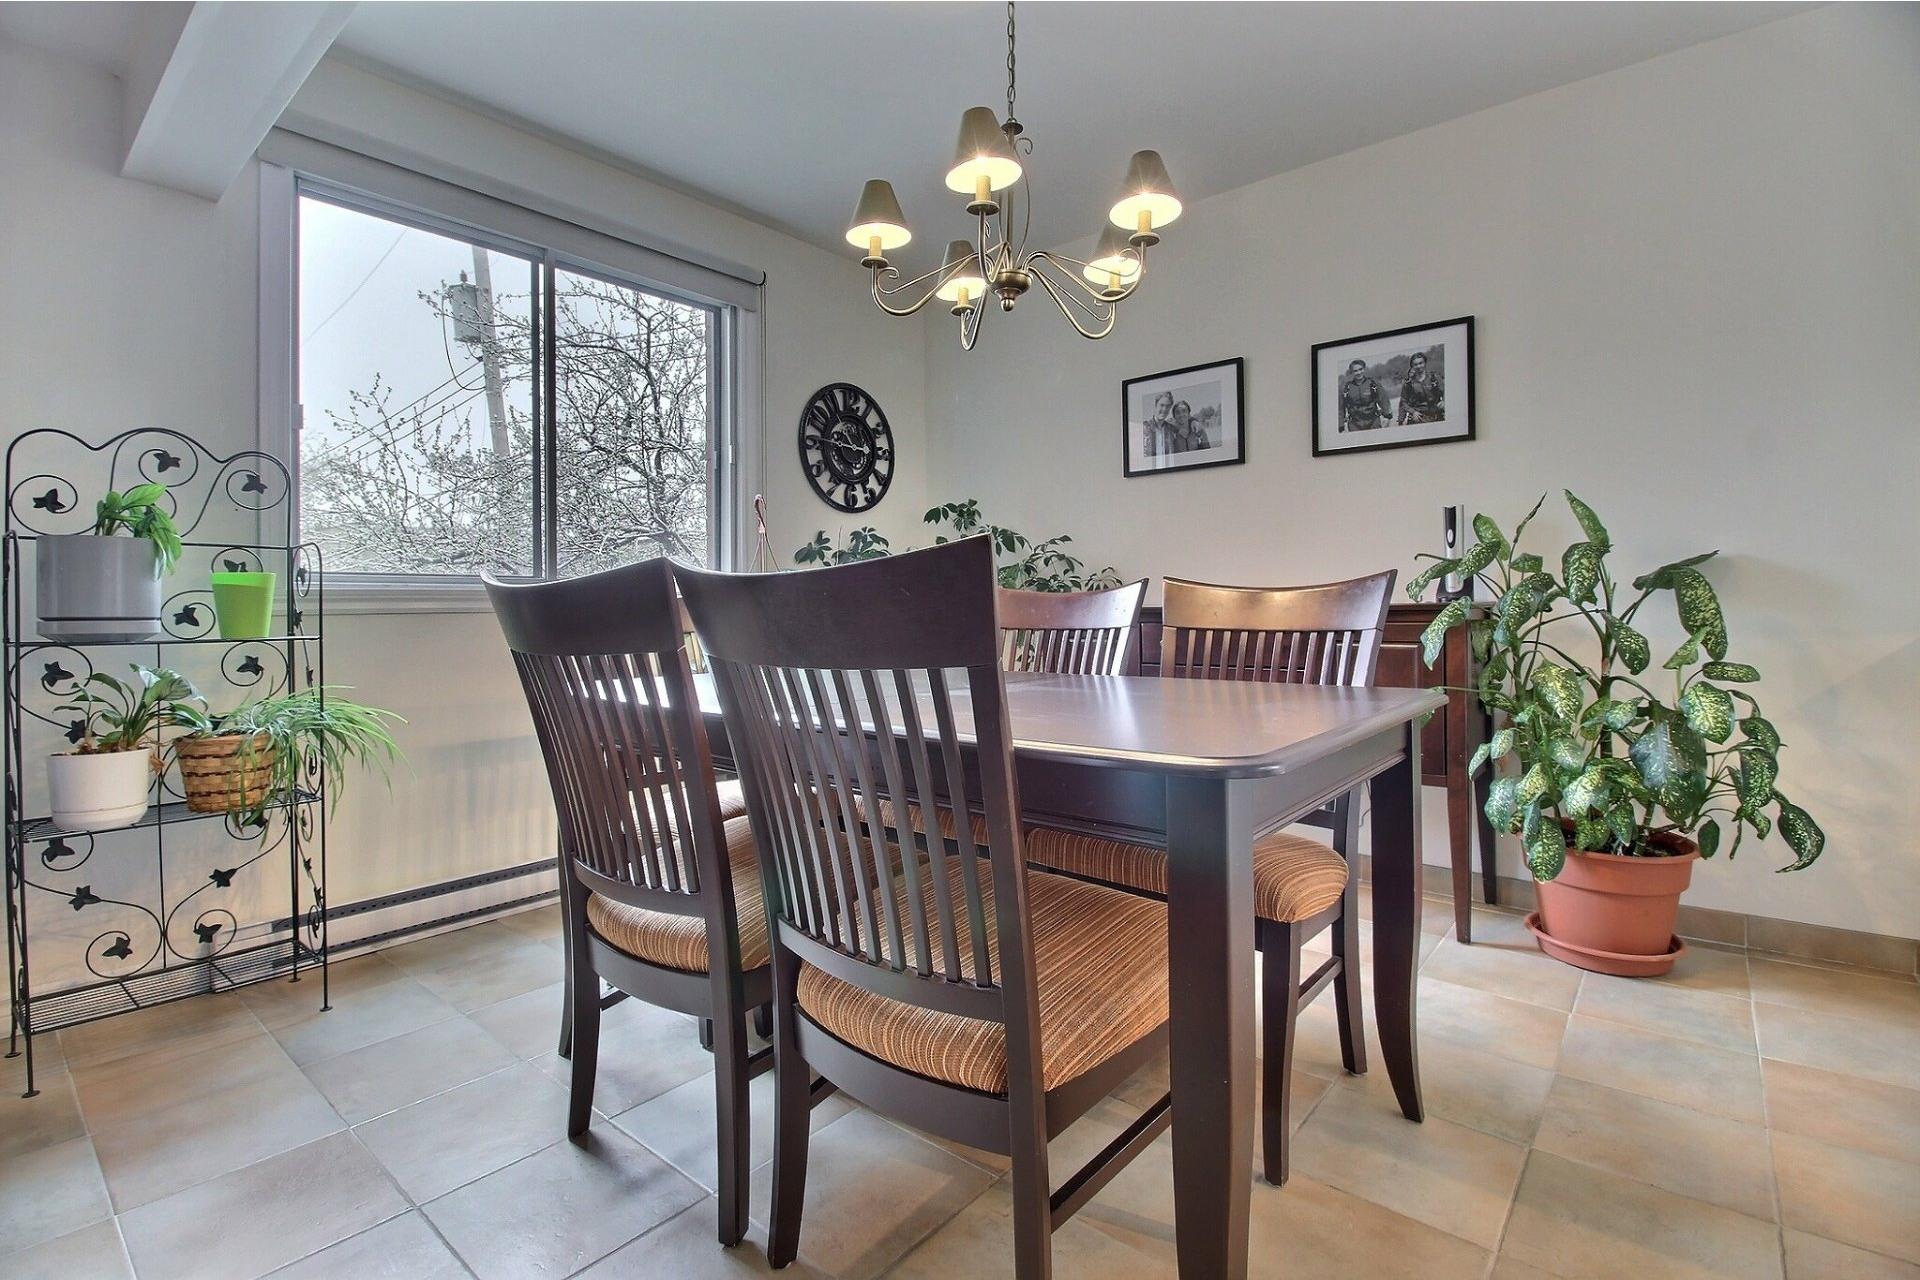 image 5 - Appartement À vendre Rivière-des-Prairies/Pointe-aux-Trembles Montréal  - 5 pièces